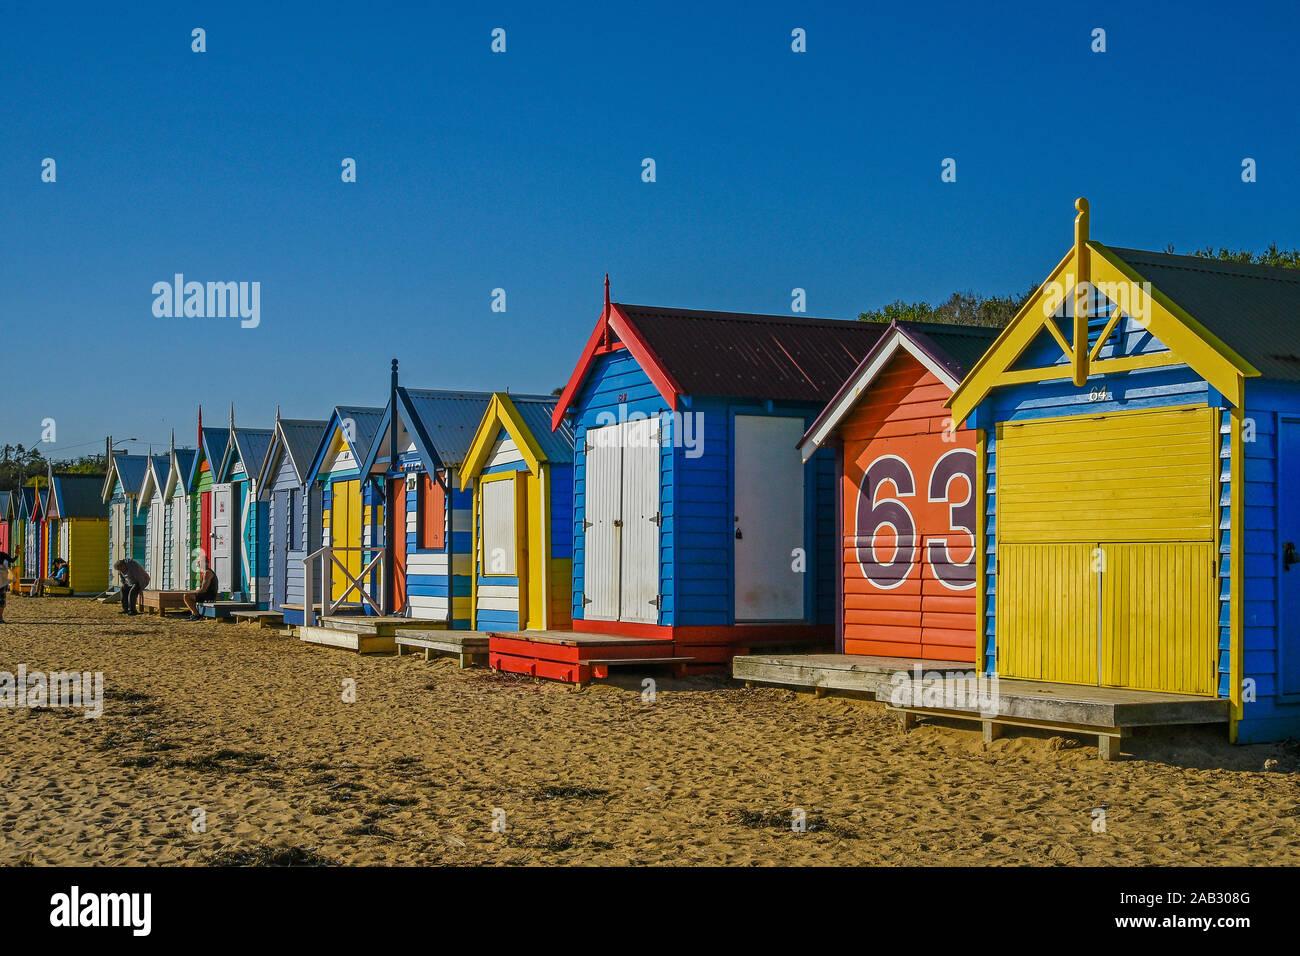 Melbourne, Victoria, Australia, 12 de abril. 2019 - Brighton Beach ofrece 82 coloridos cuadros de baño que son uno de los iconos turísticos de Melbourne. B Foto de stock